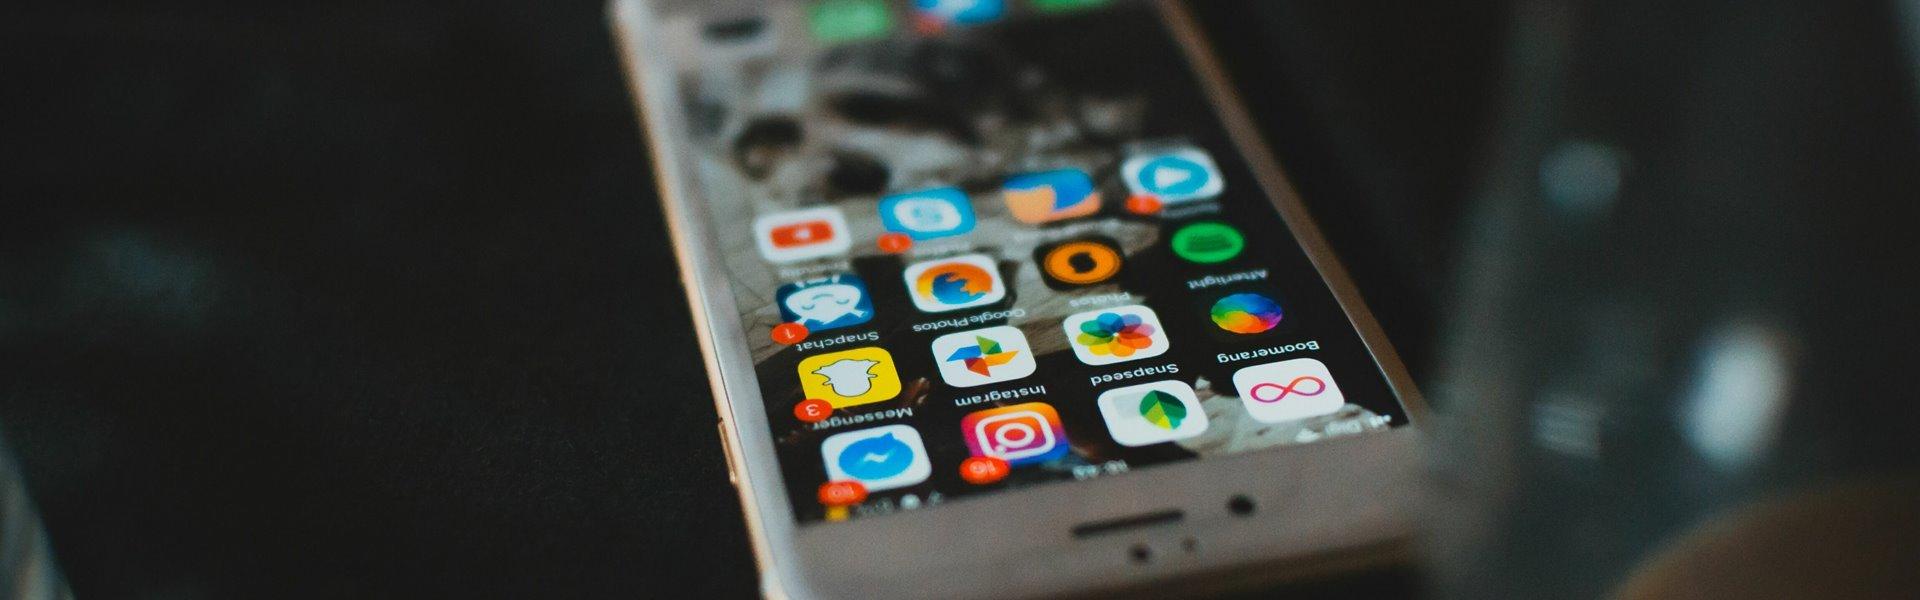 Как улучшить Инстаграм и сделать свой аккаунт популярным